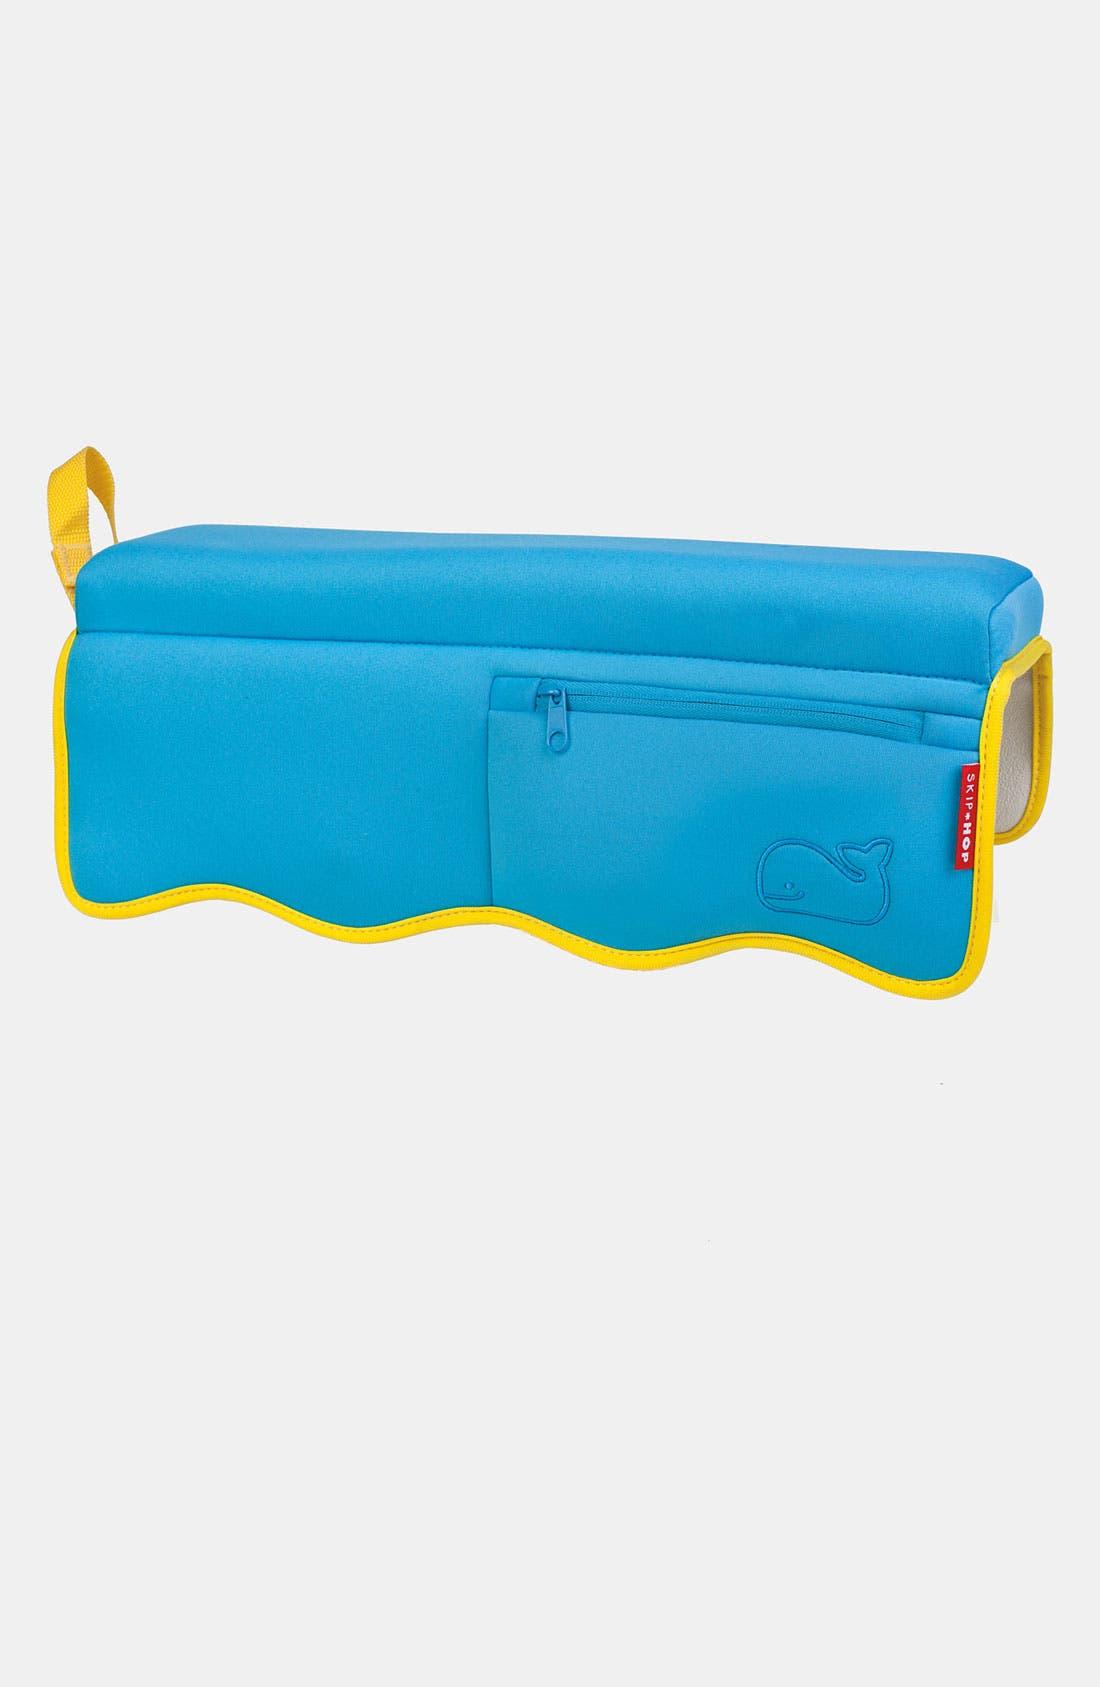 'Moby' Bathtub Elbow Rest,                         Main,                         color, Blue